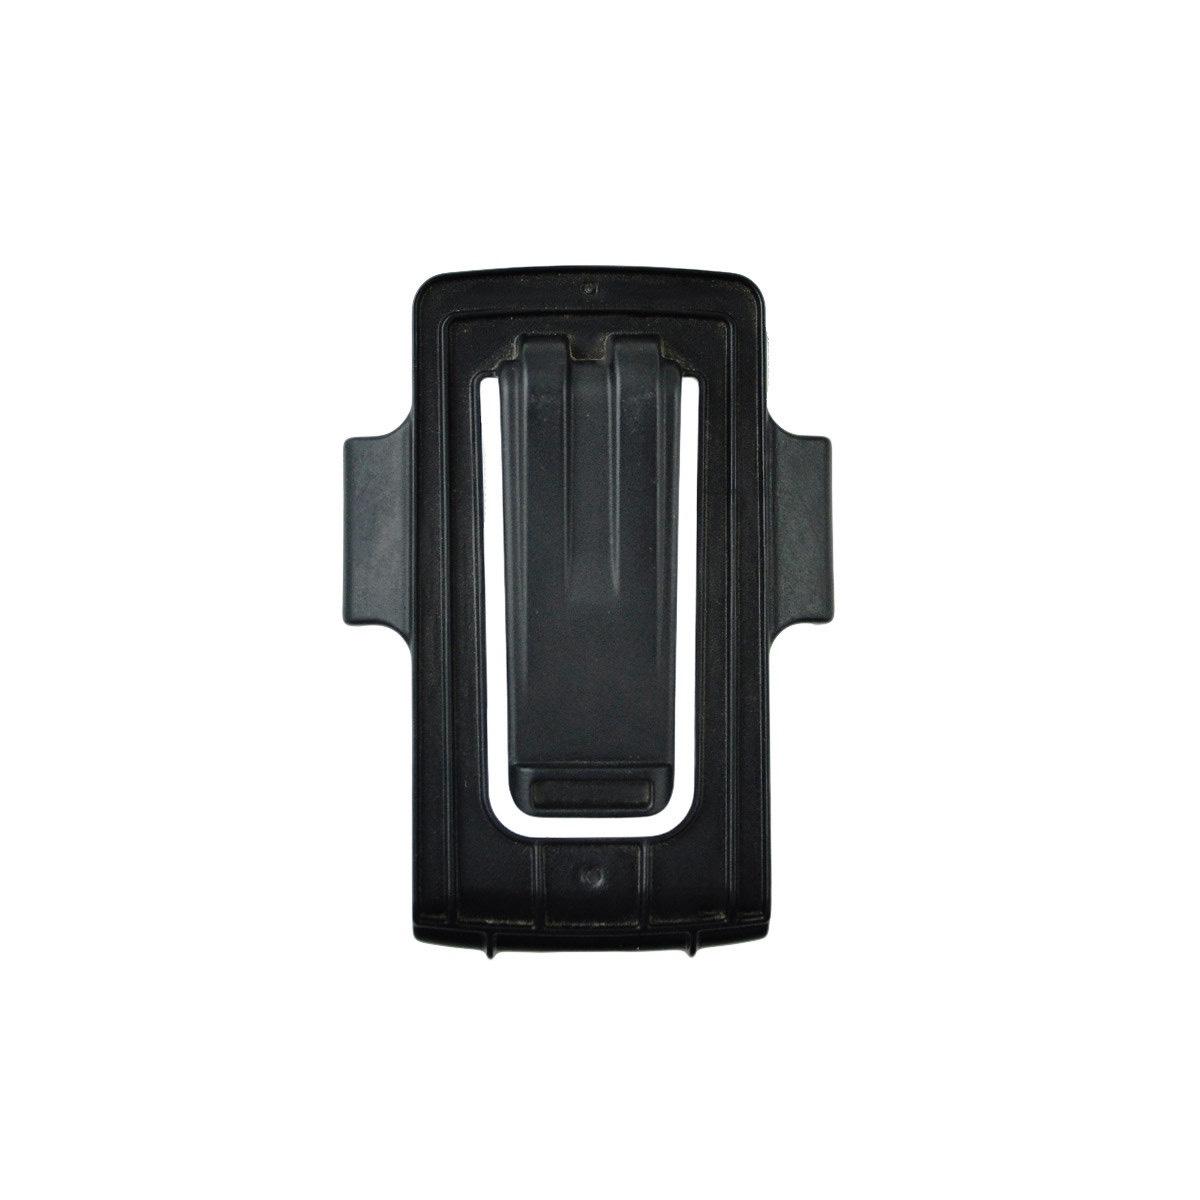 0703-0227, Wireless Audio Holder for GPZ 7000